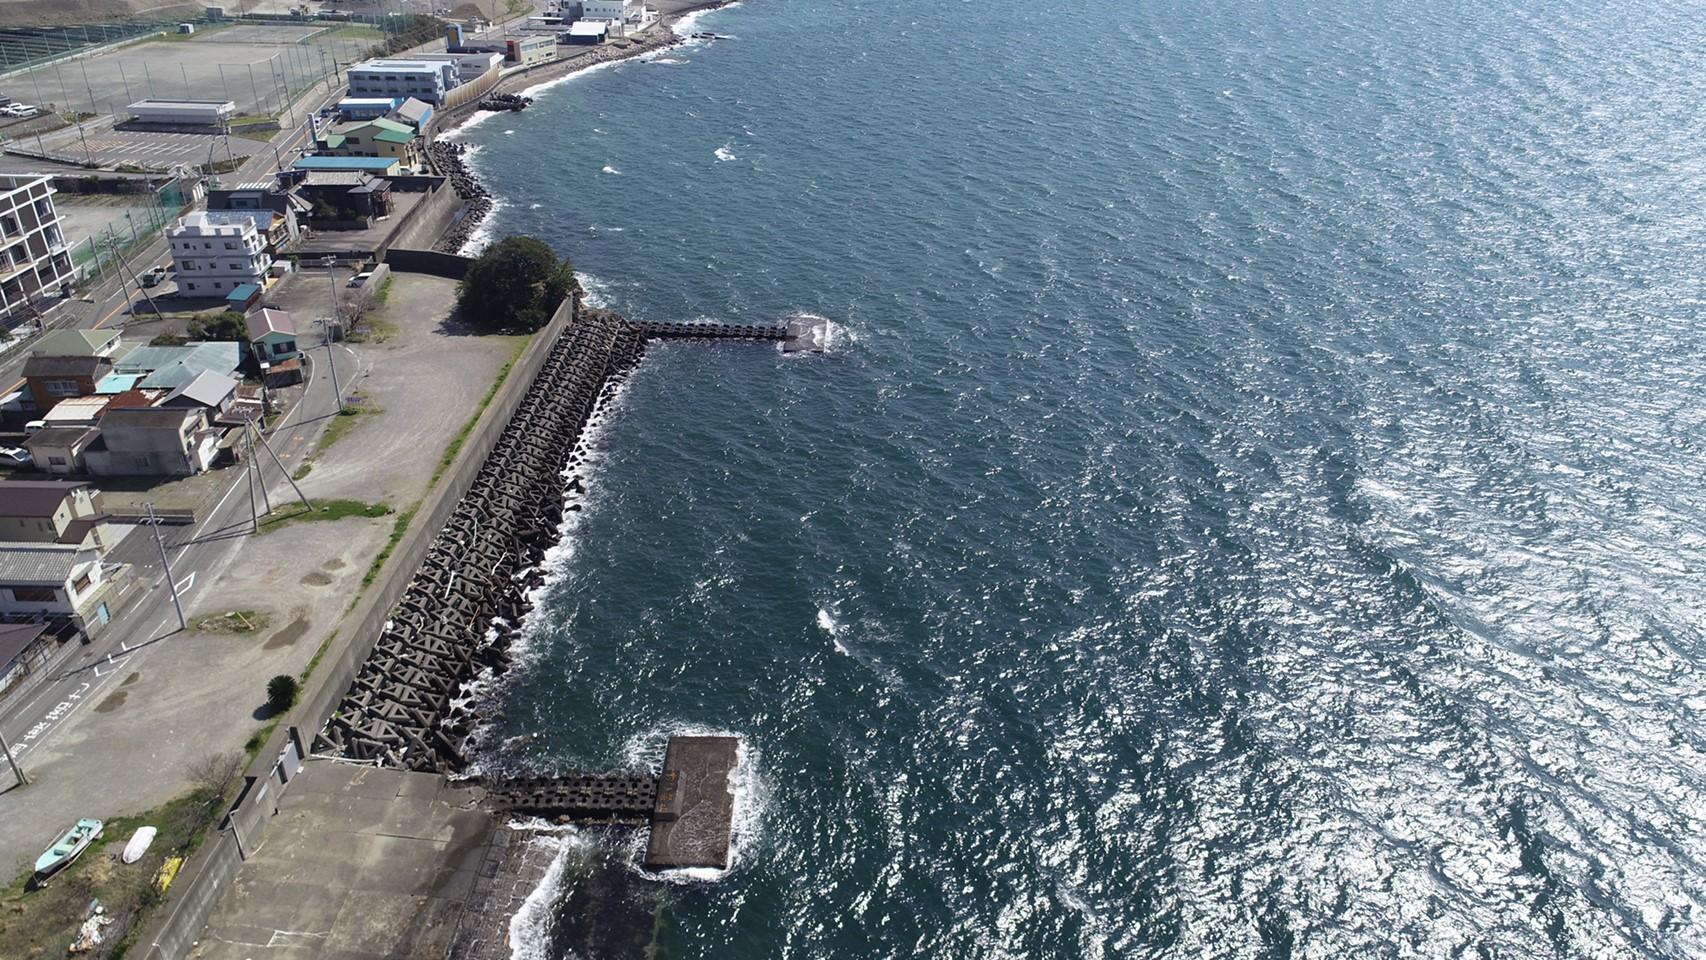 【沼津市】『獅子浜海岸』の釣り場ガイド(釣れる魚・駐車場)